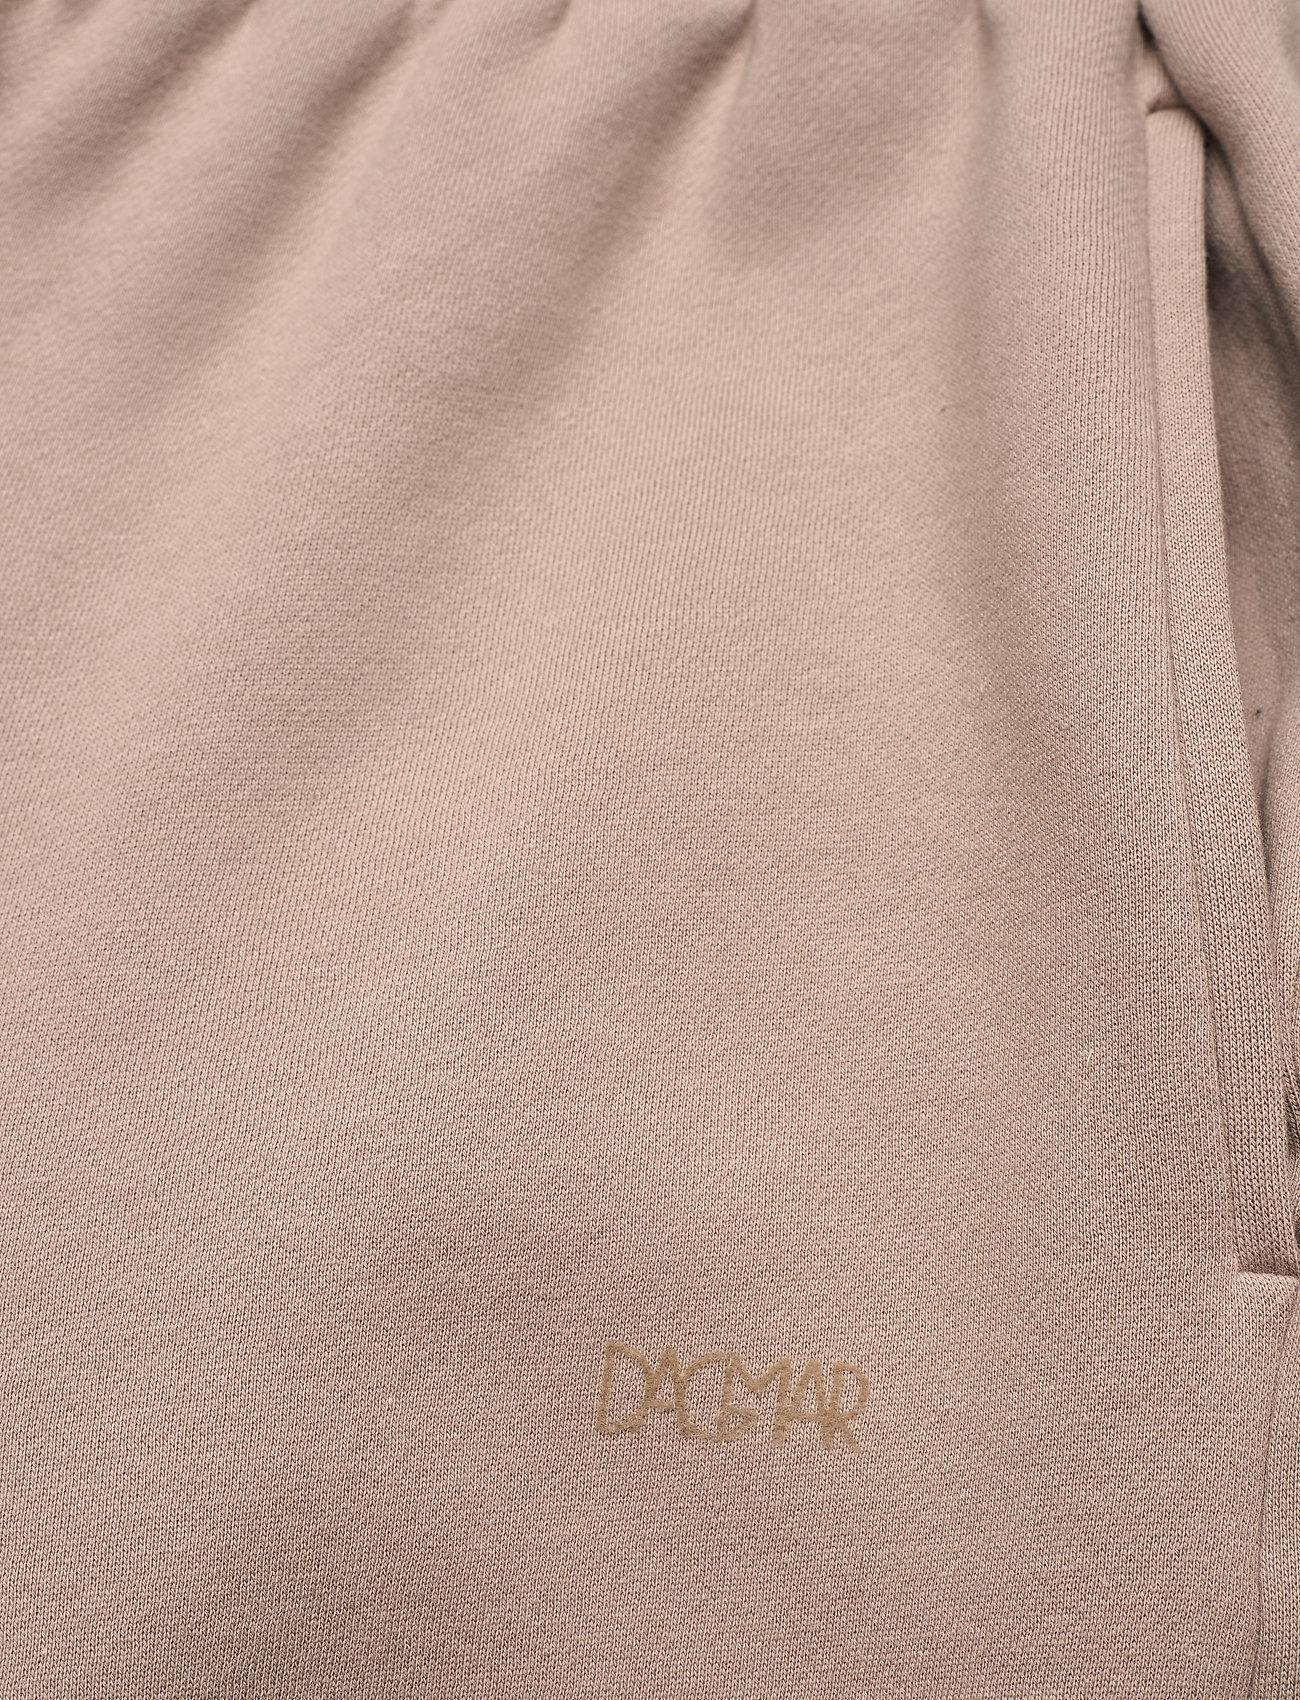 Dagmar - Jam pants - kleidung - nocciola - 2